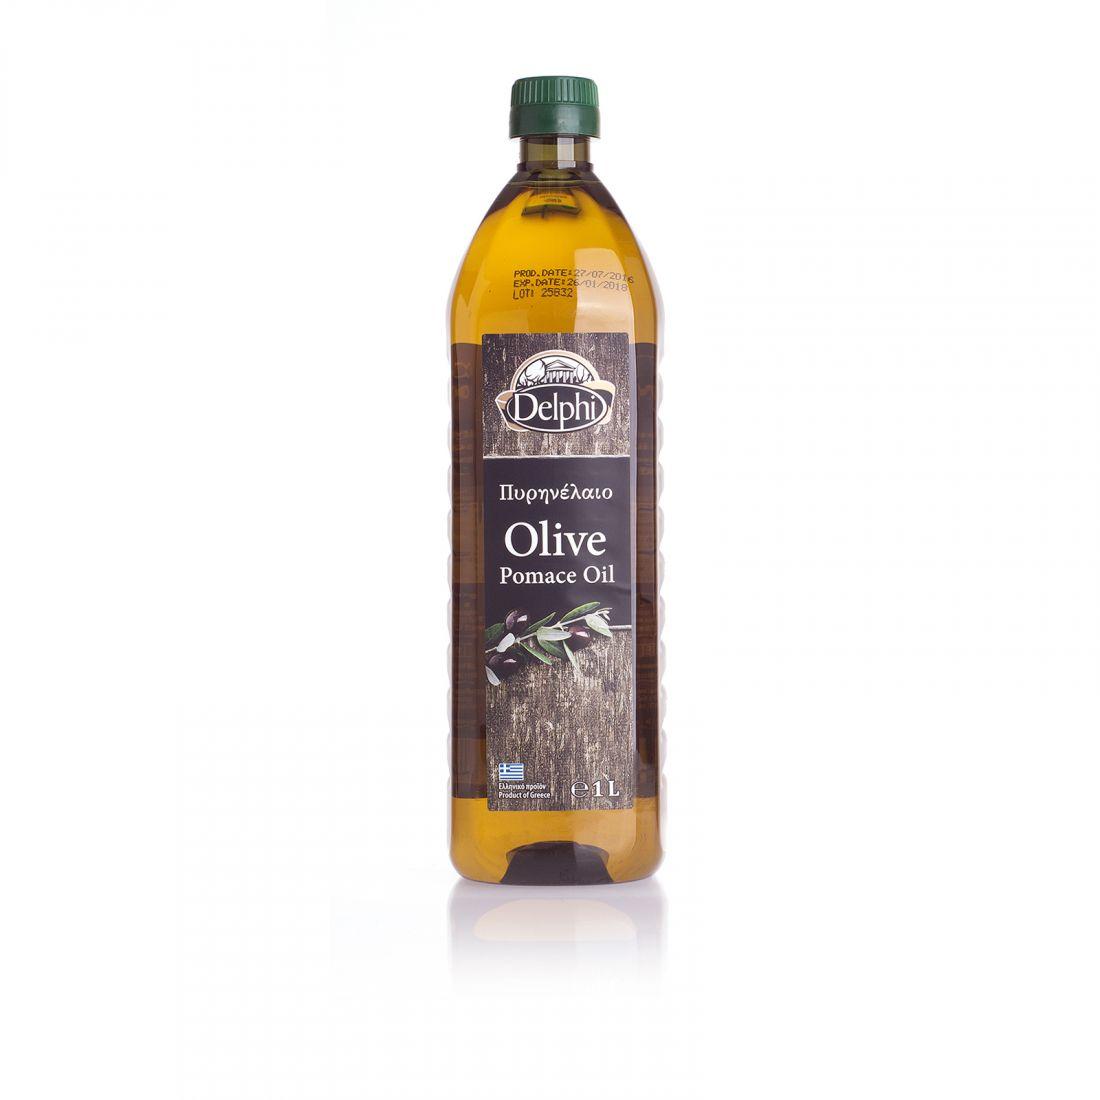 Оливковое масло DELPHI  - 1 л помас, для жарки